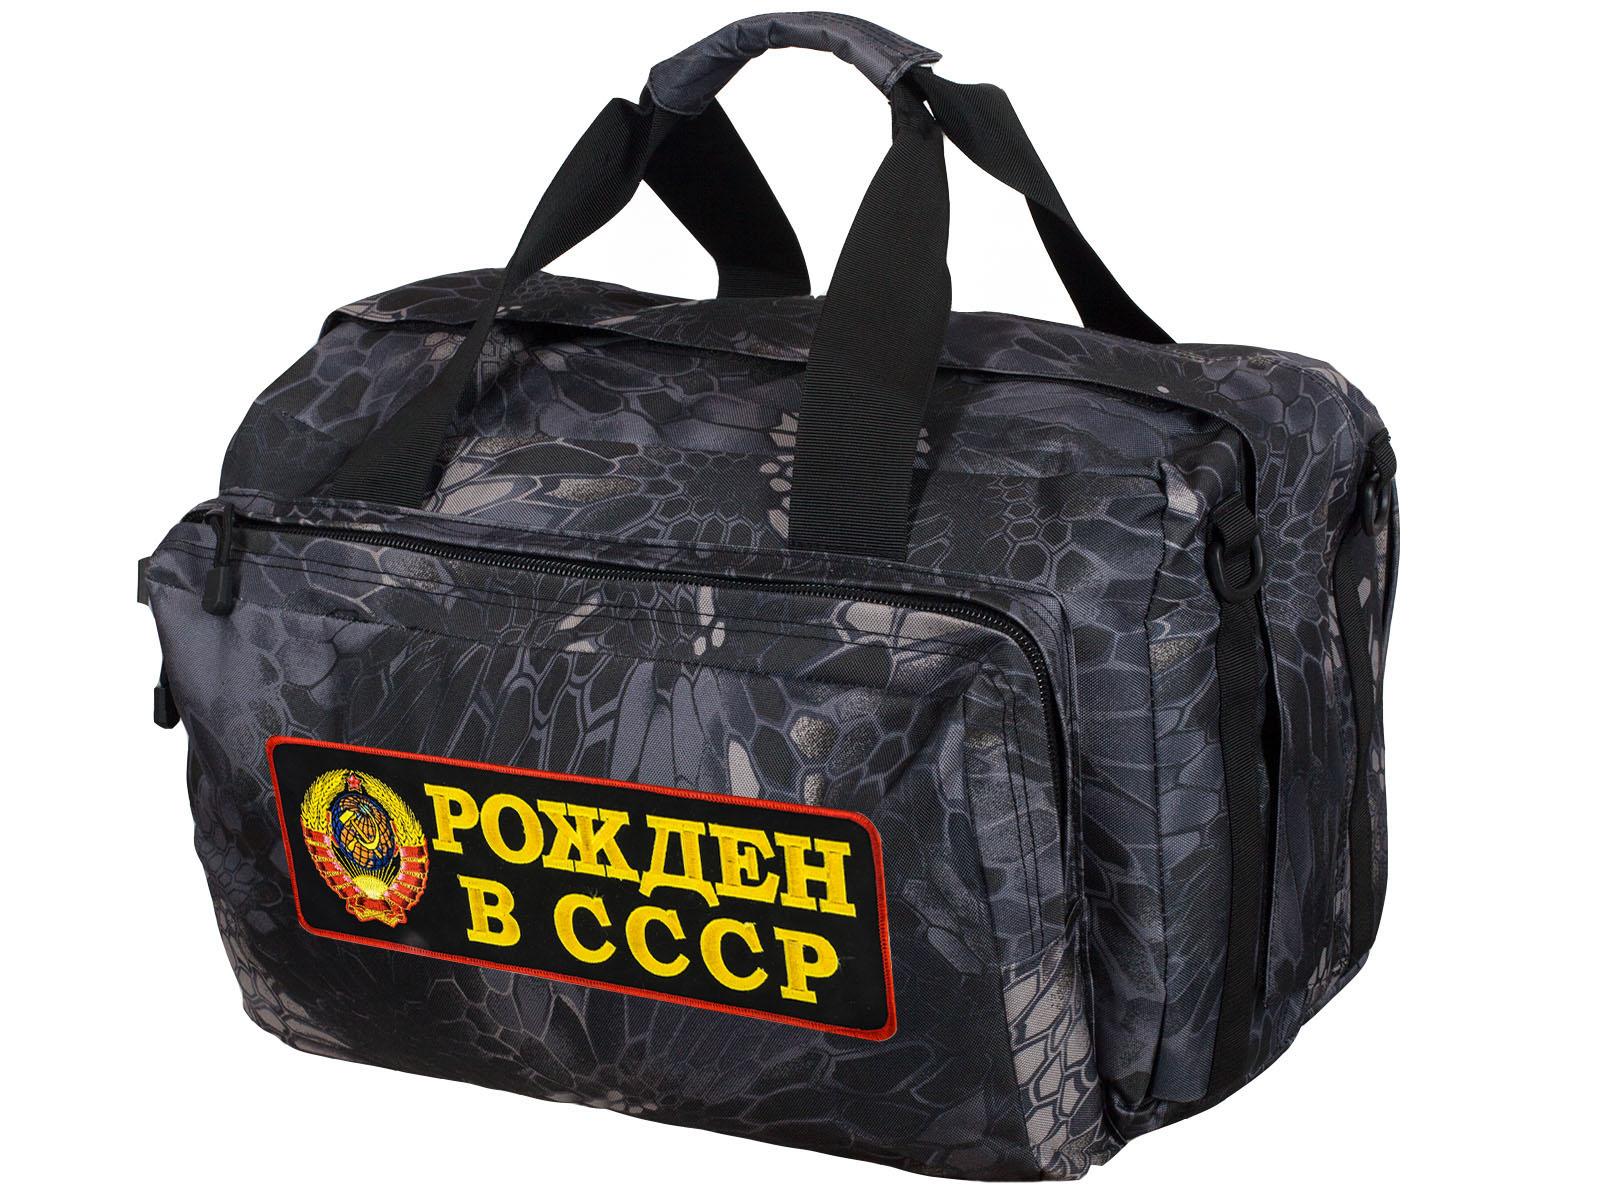 Заплечная дорожная сумка с нашивкой Рожден в СССР - купить онлайн